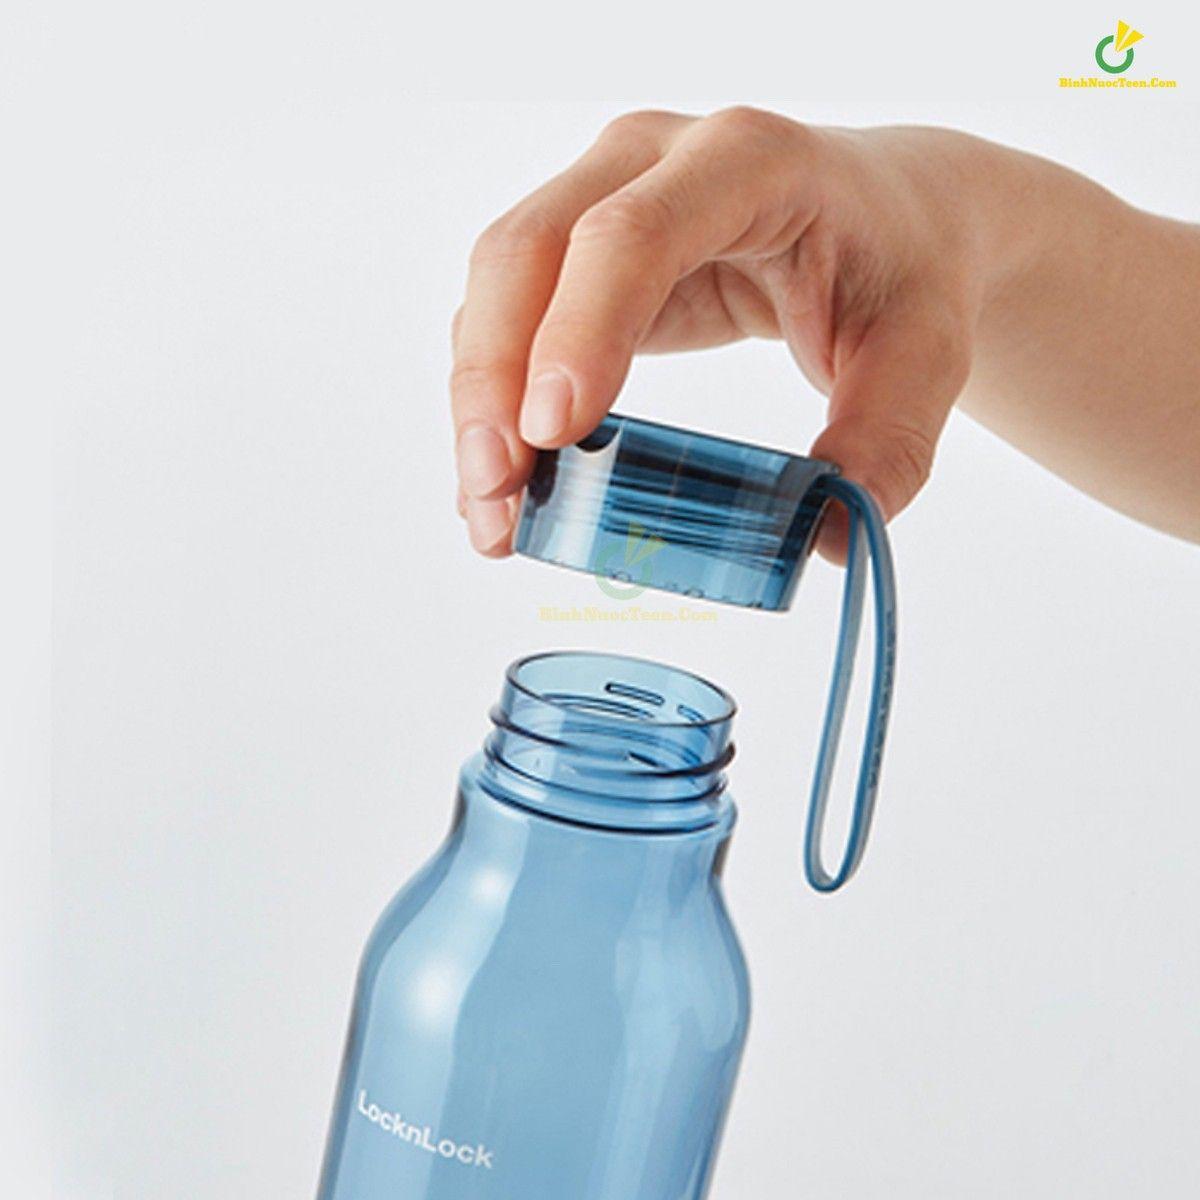 binh nuoc nhua tritan locklock eco bottle abf664 750ml 1 1 Binhnuocteen